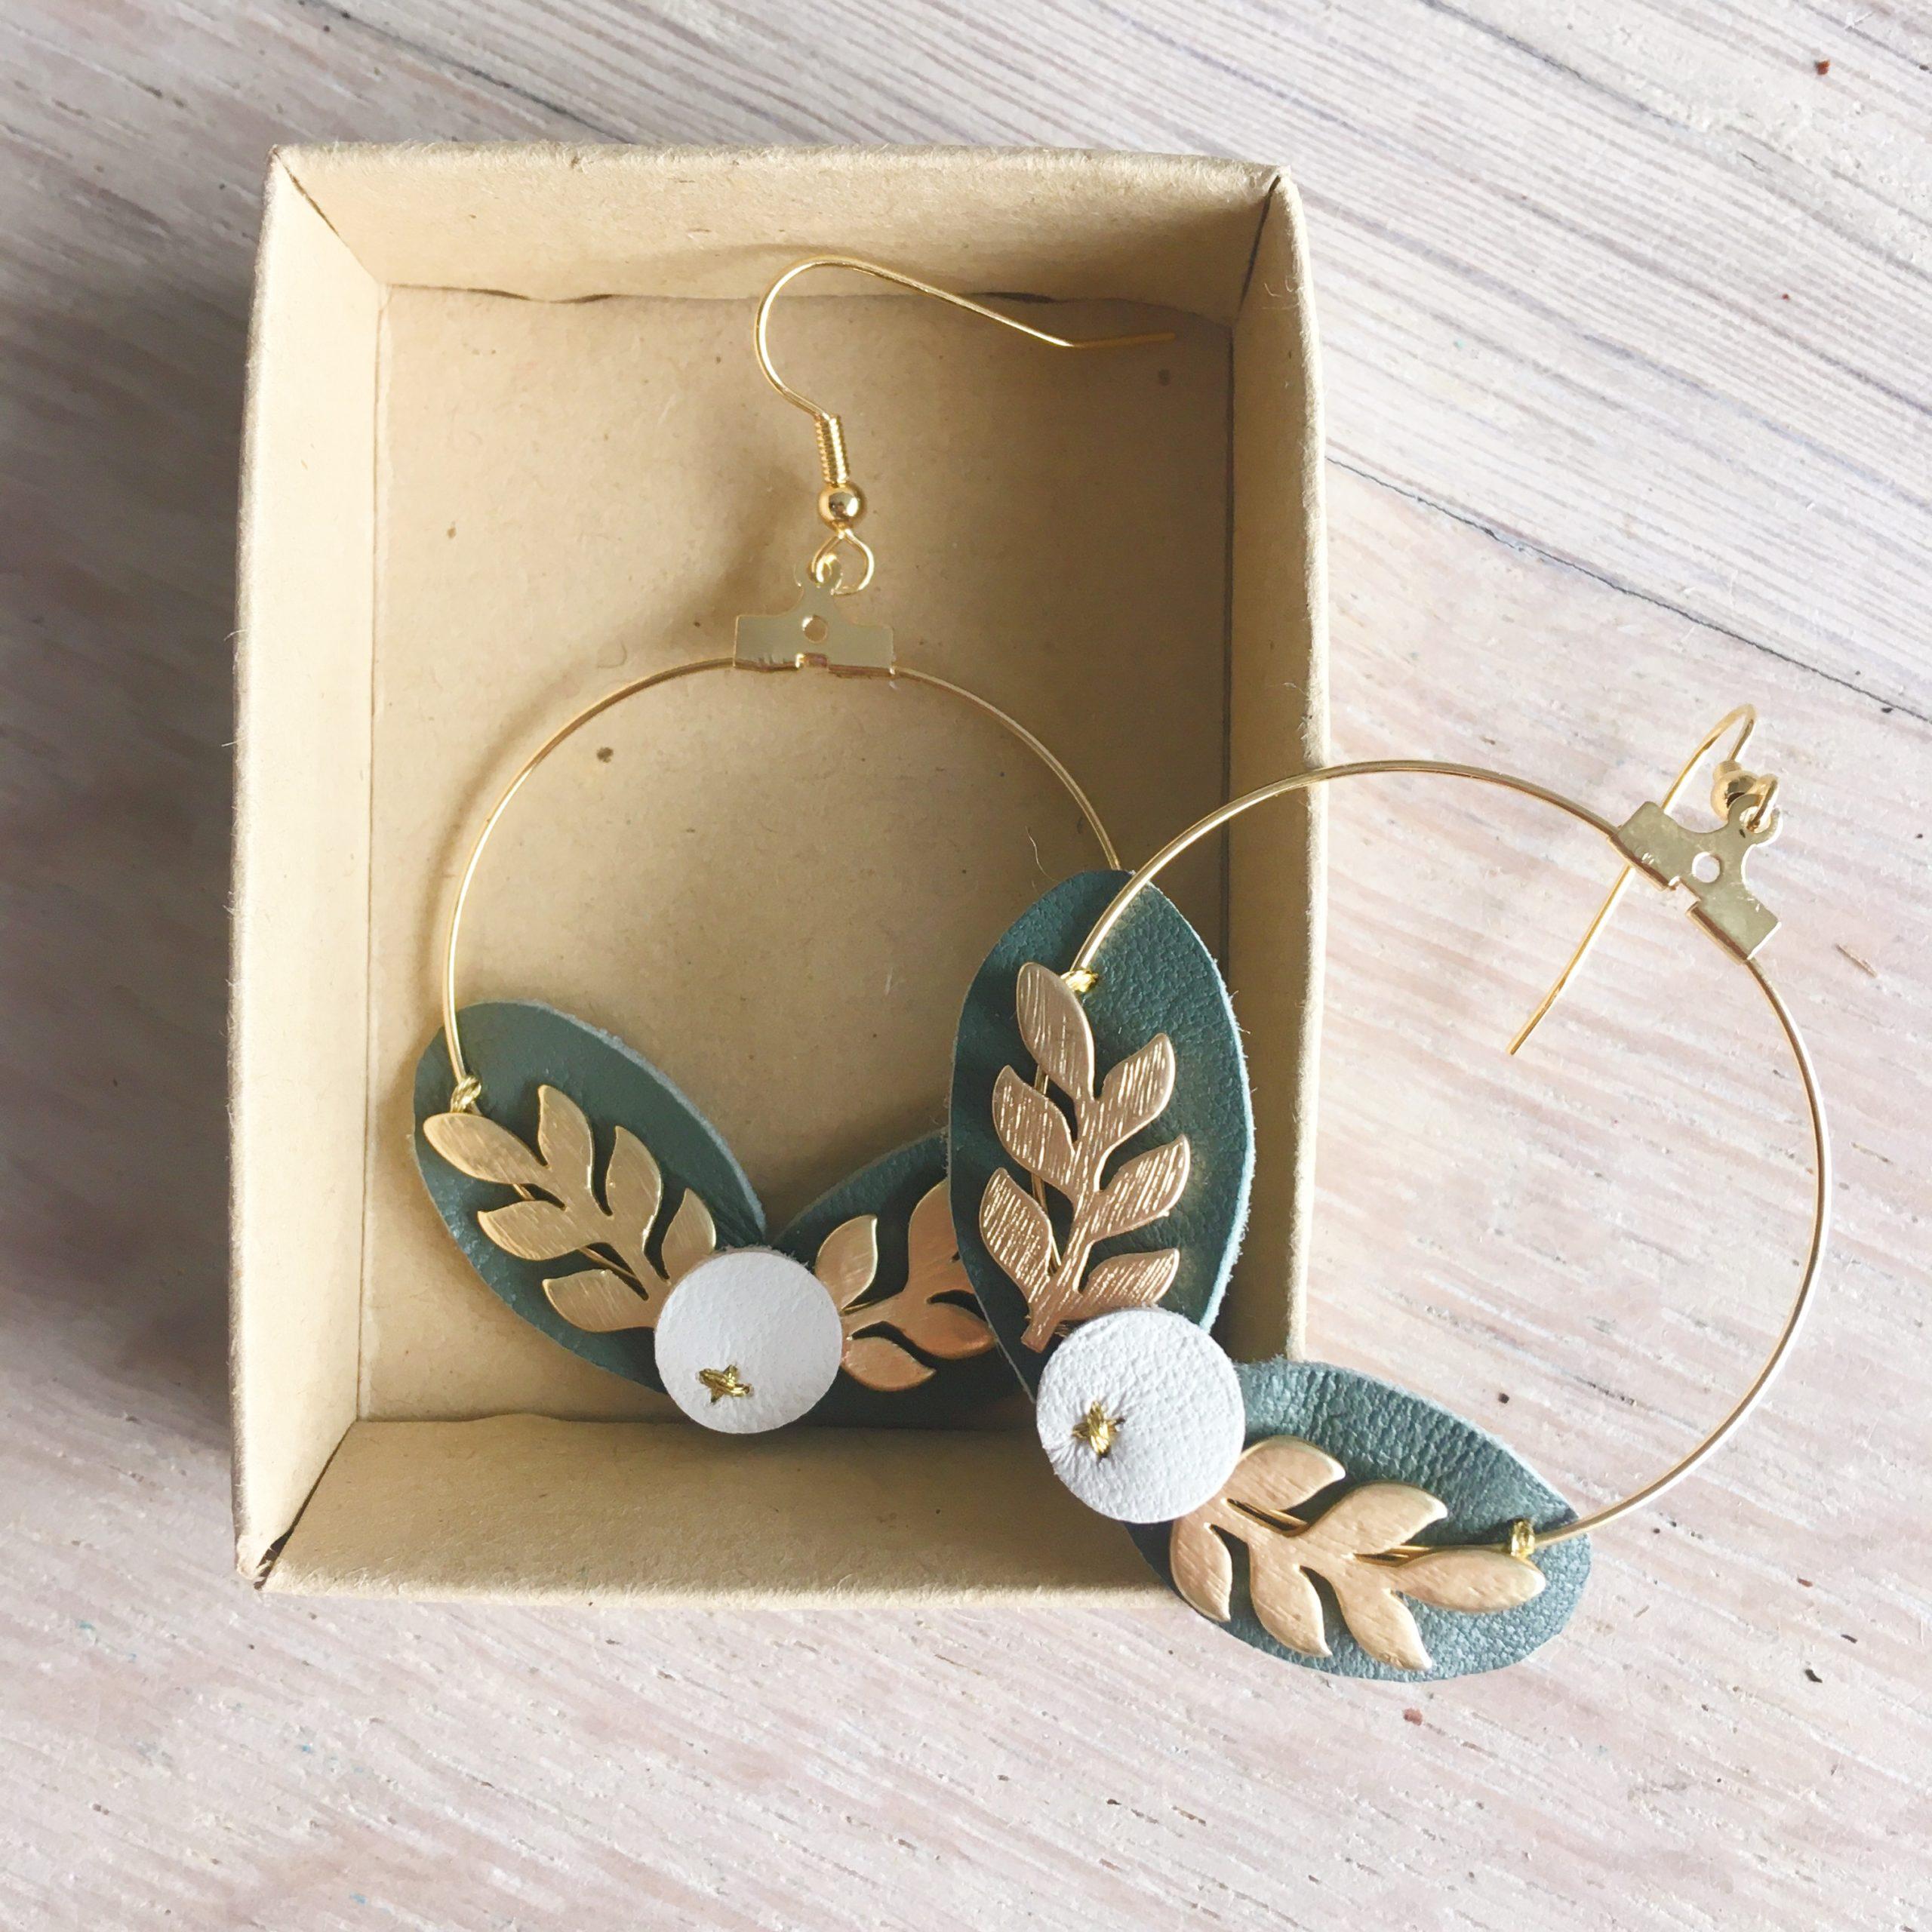 bo baies ivoire gui bijoux poétiques créoles dorées made in France couronne de feuilles et de baies cuir upcycled automne hiver